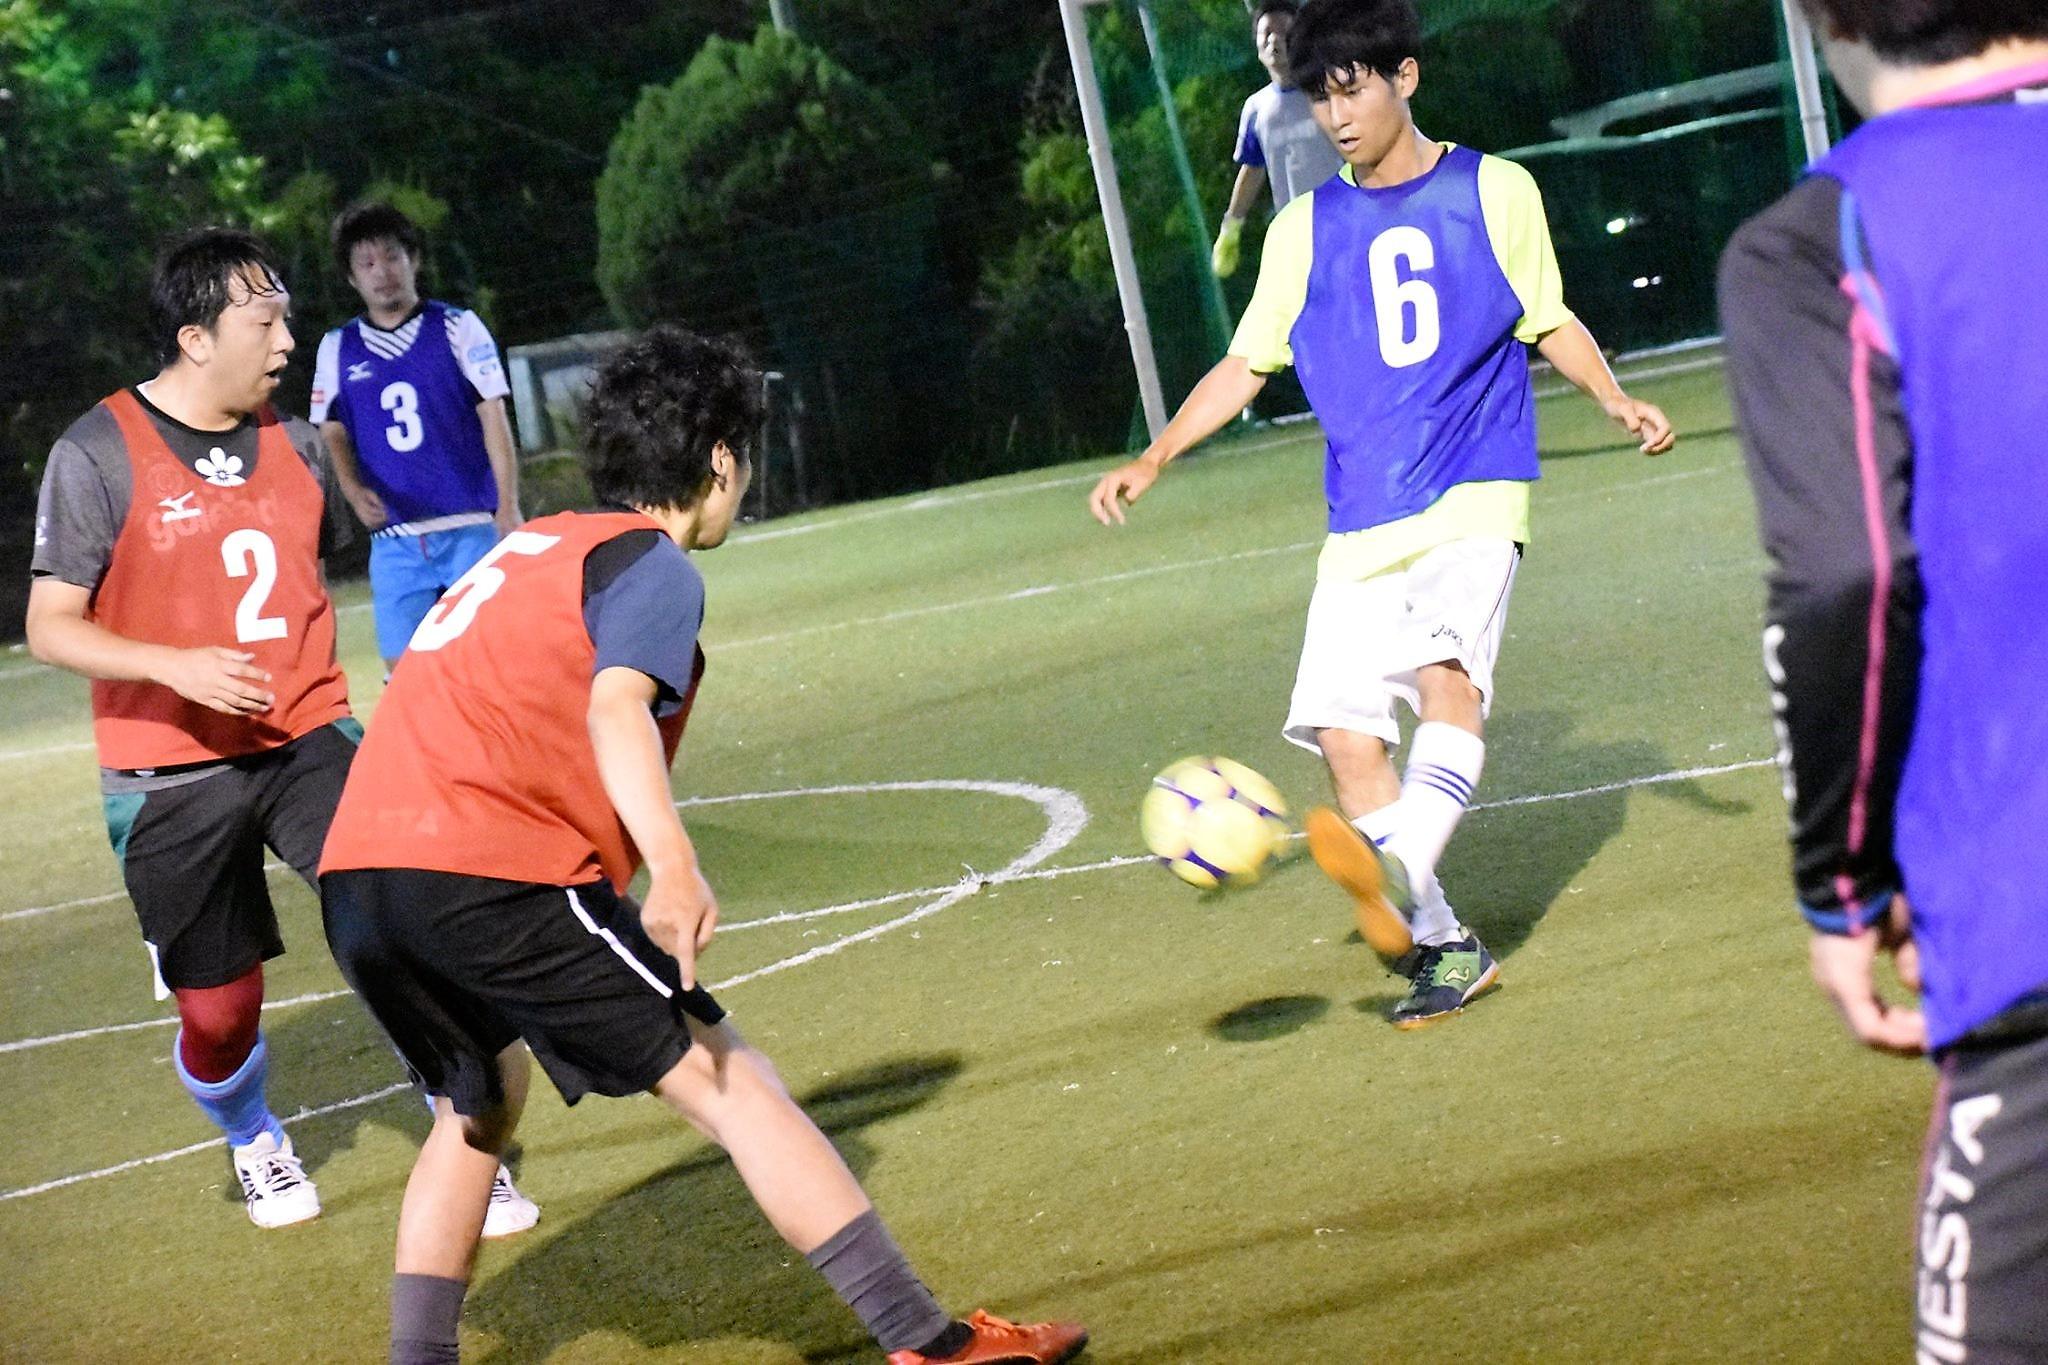 【春日井エンジョイリーグ】第1節予定 チームも一新、5チームによる新シーズンが開幕!!